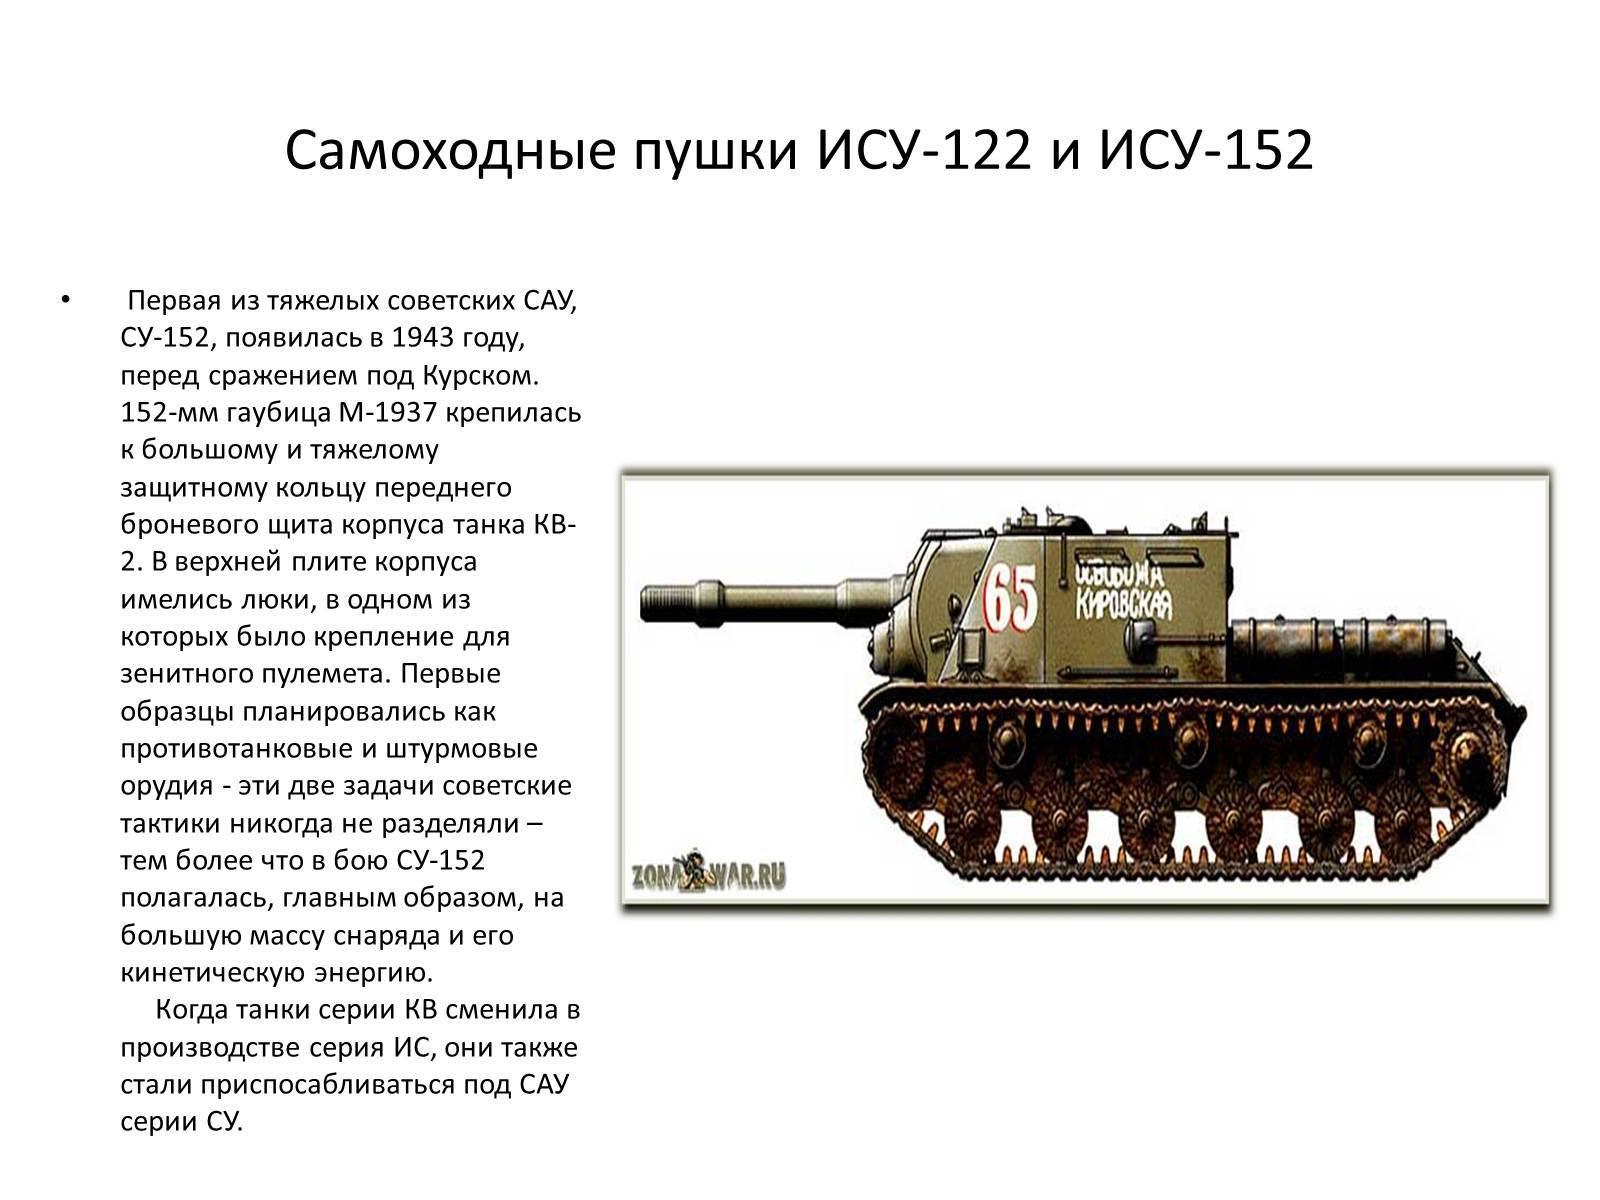 Су-14-2